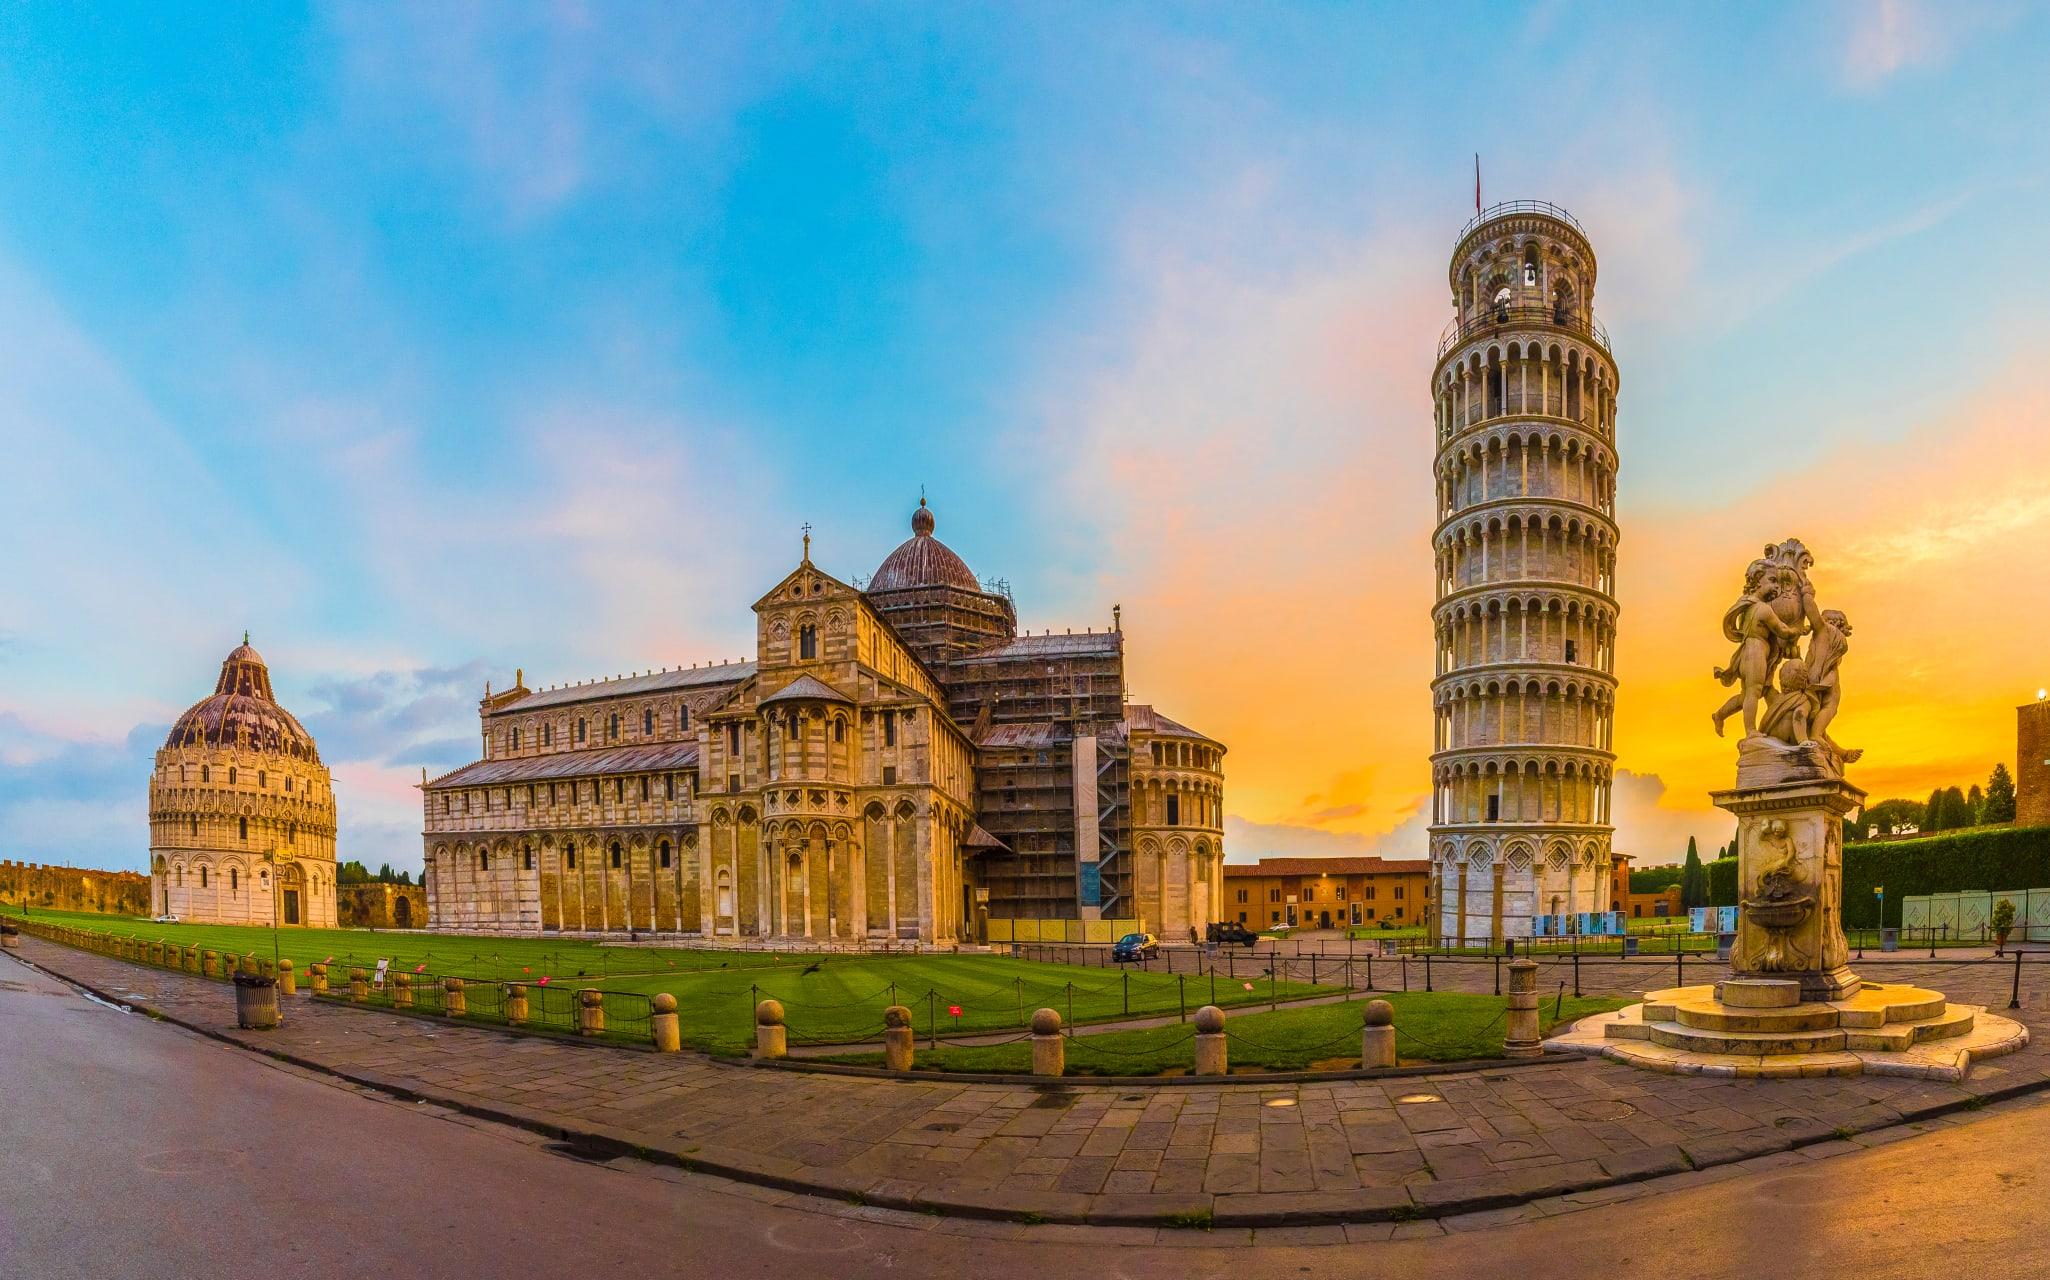 Pisa - Pise et son Célèbre Clocher Penché (TOUR IN FRENCH)